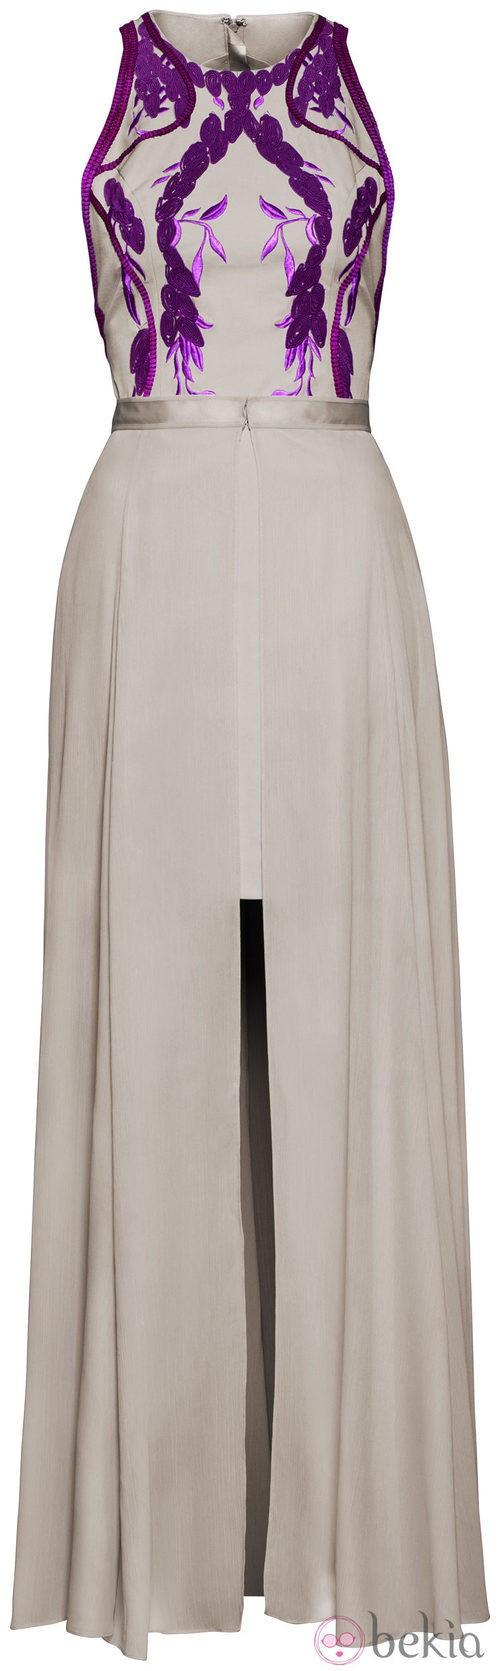 Vestido blanco roto estampado H&M Conscious